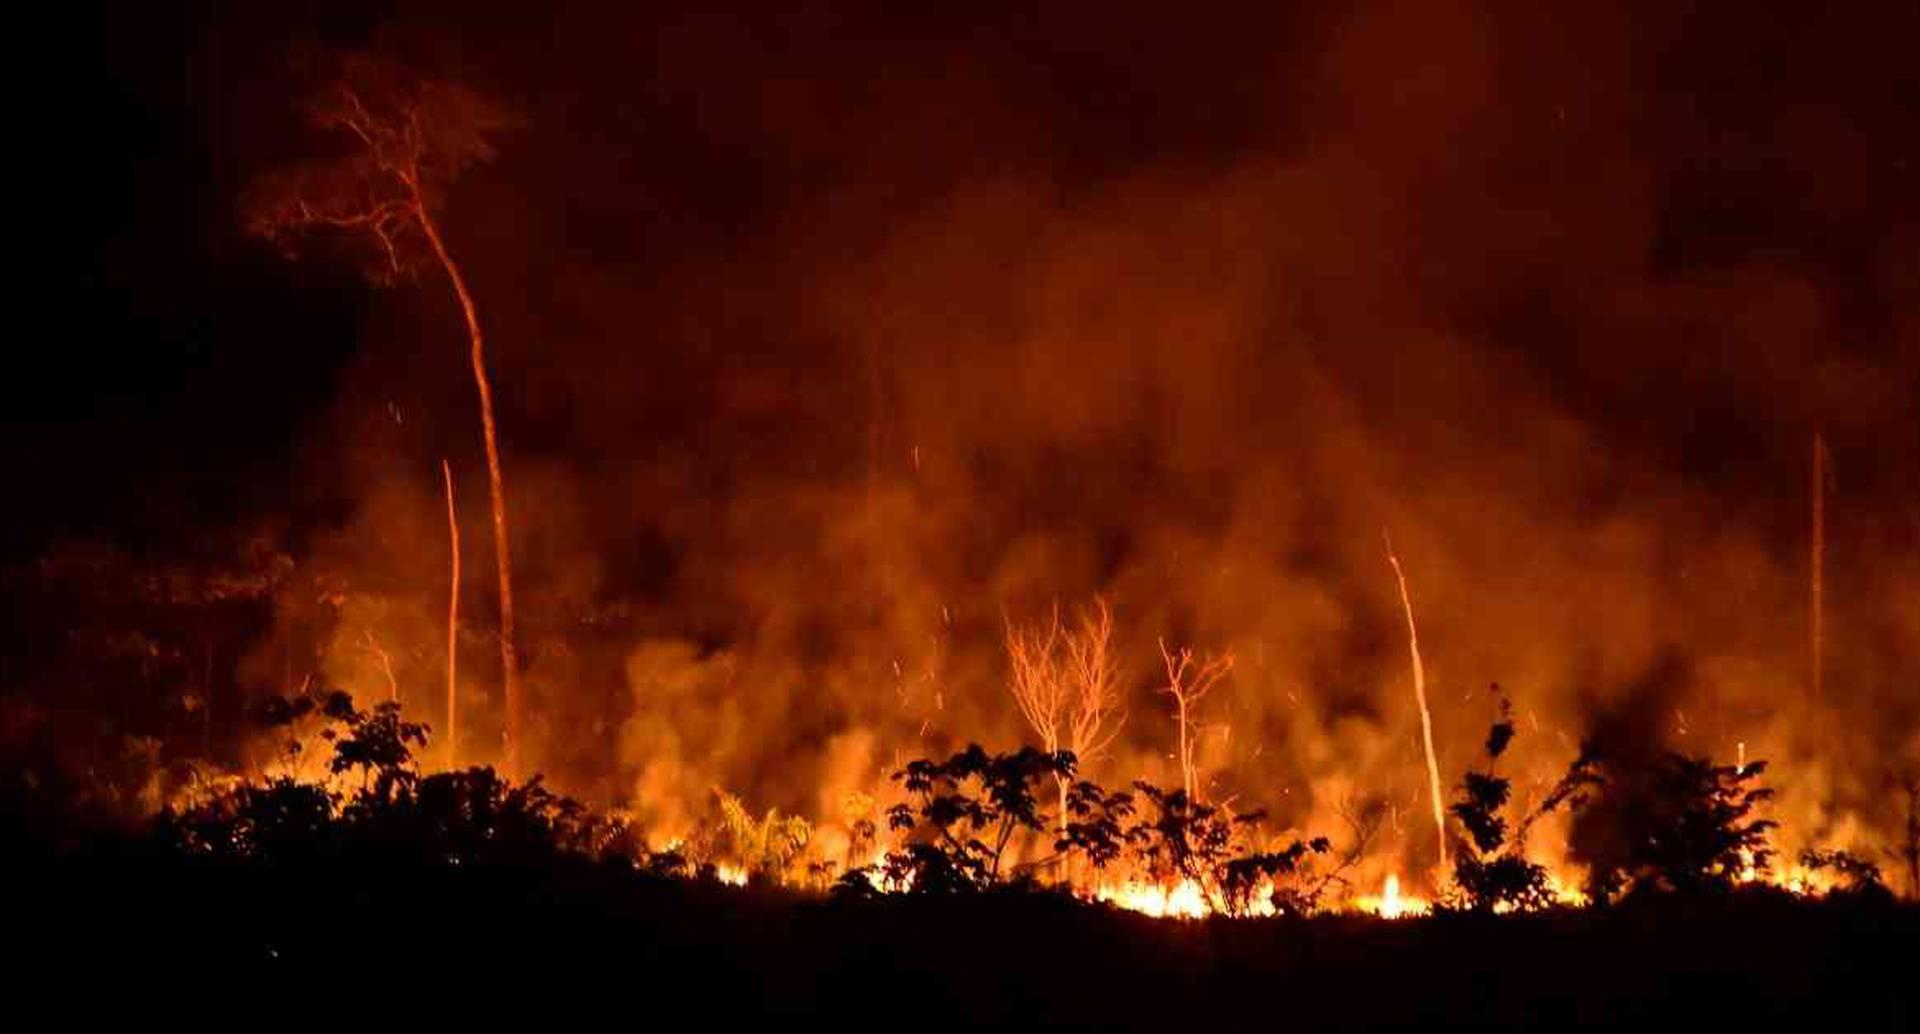 Incendio de vegetación nativa en la Amazonia colombiana. Foto: Jorge Contreras.